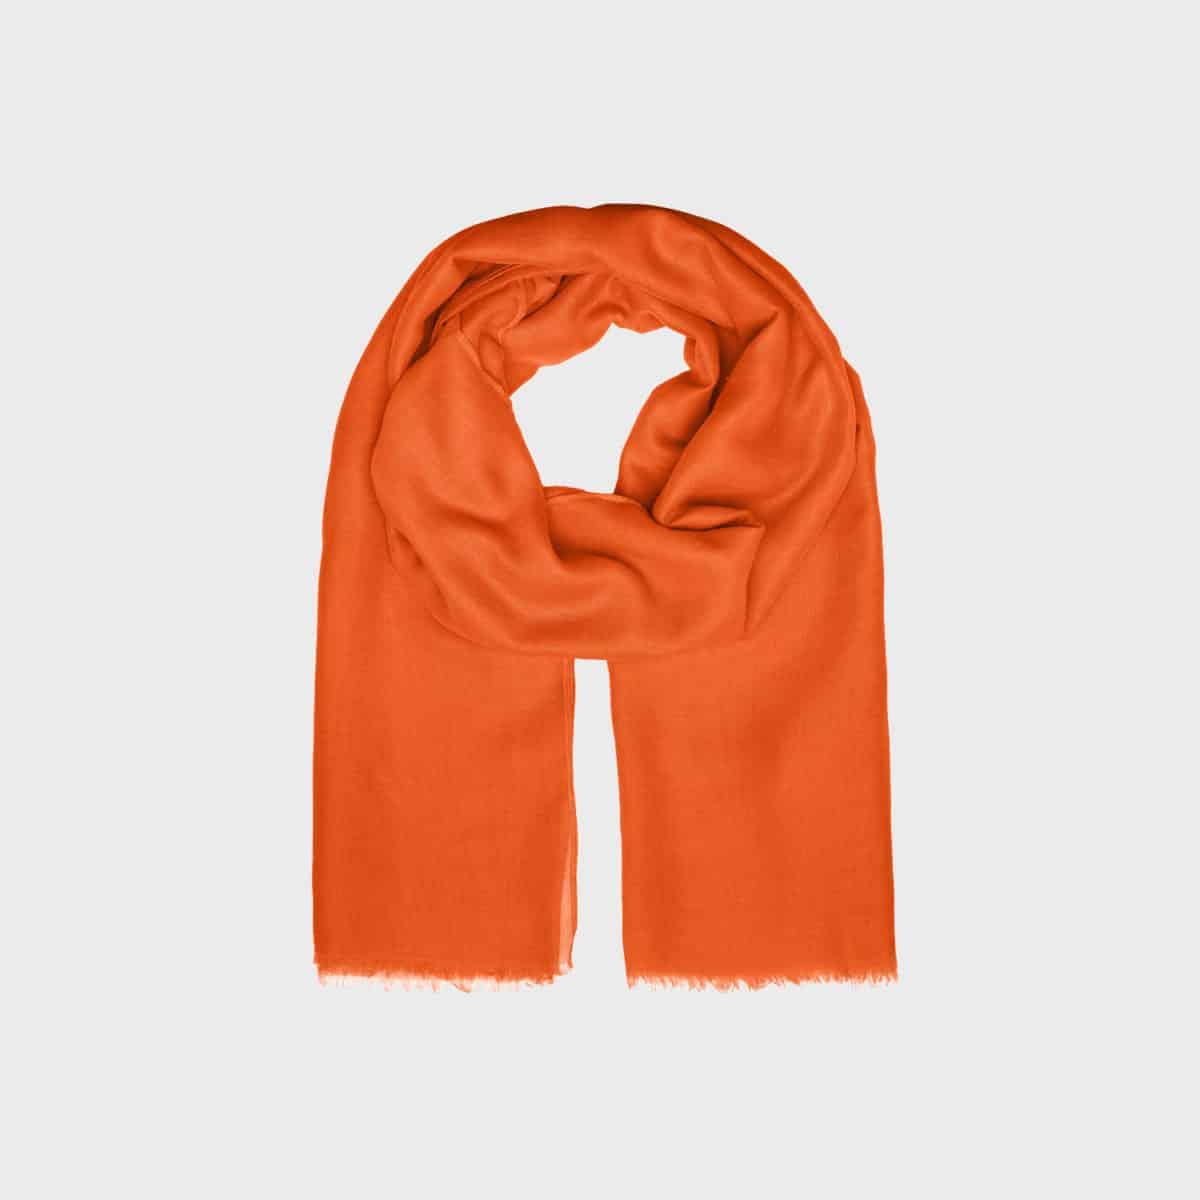 summer-breeze-super-size-schal-burnt-orange-kaufen-besticken_stickmanufaktur